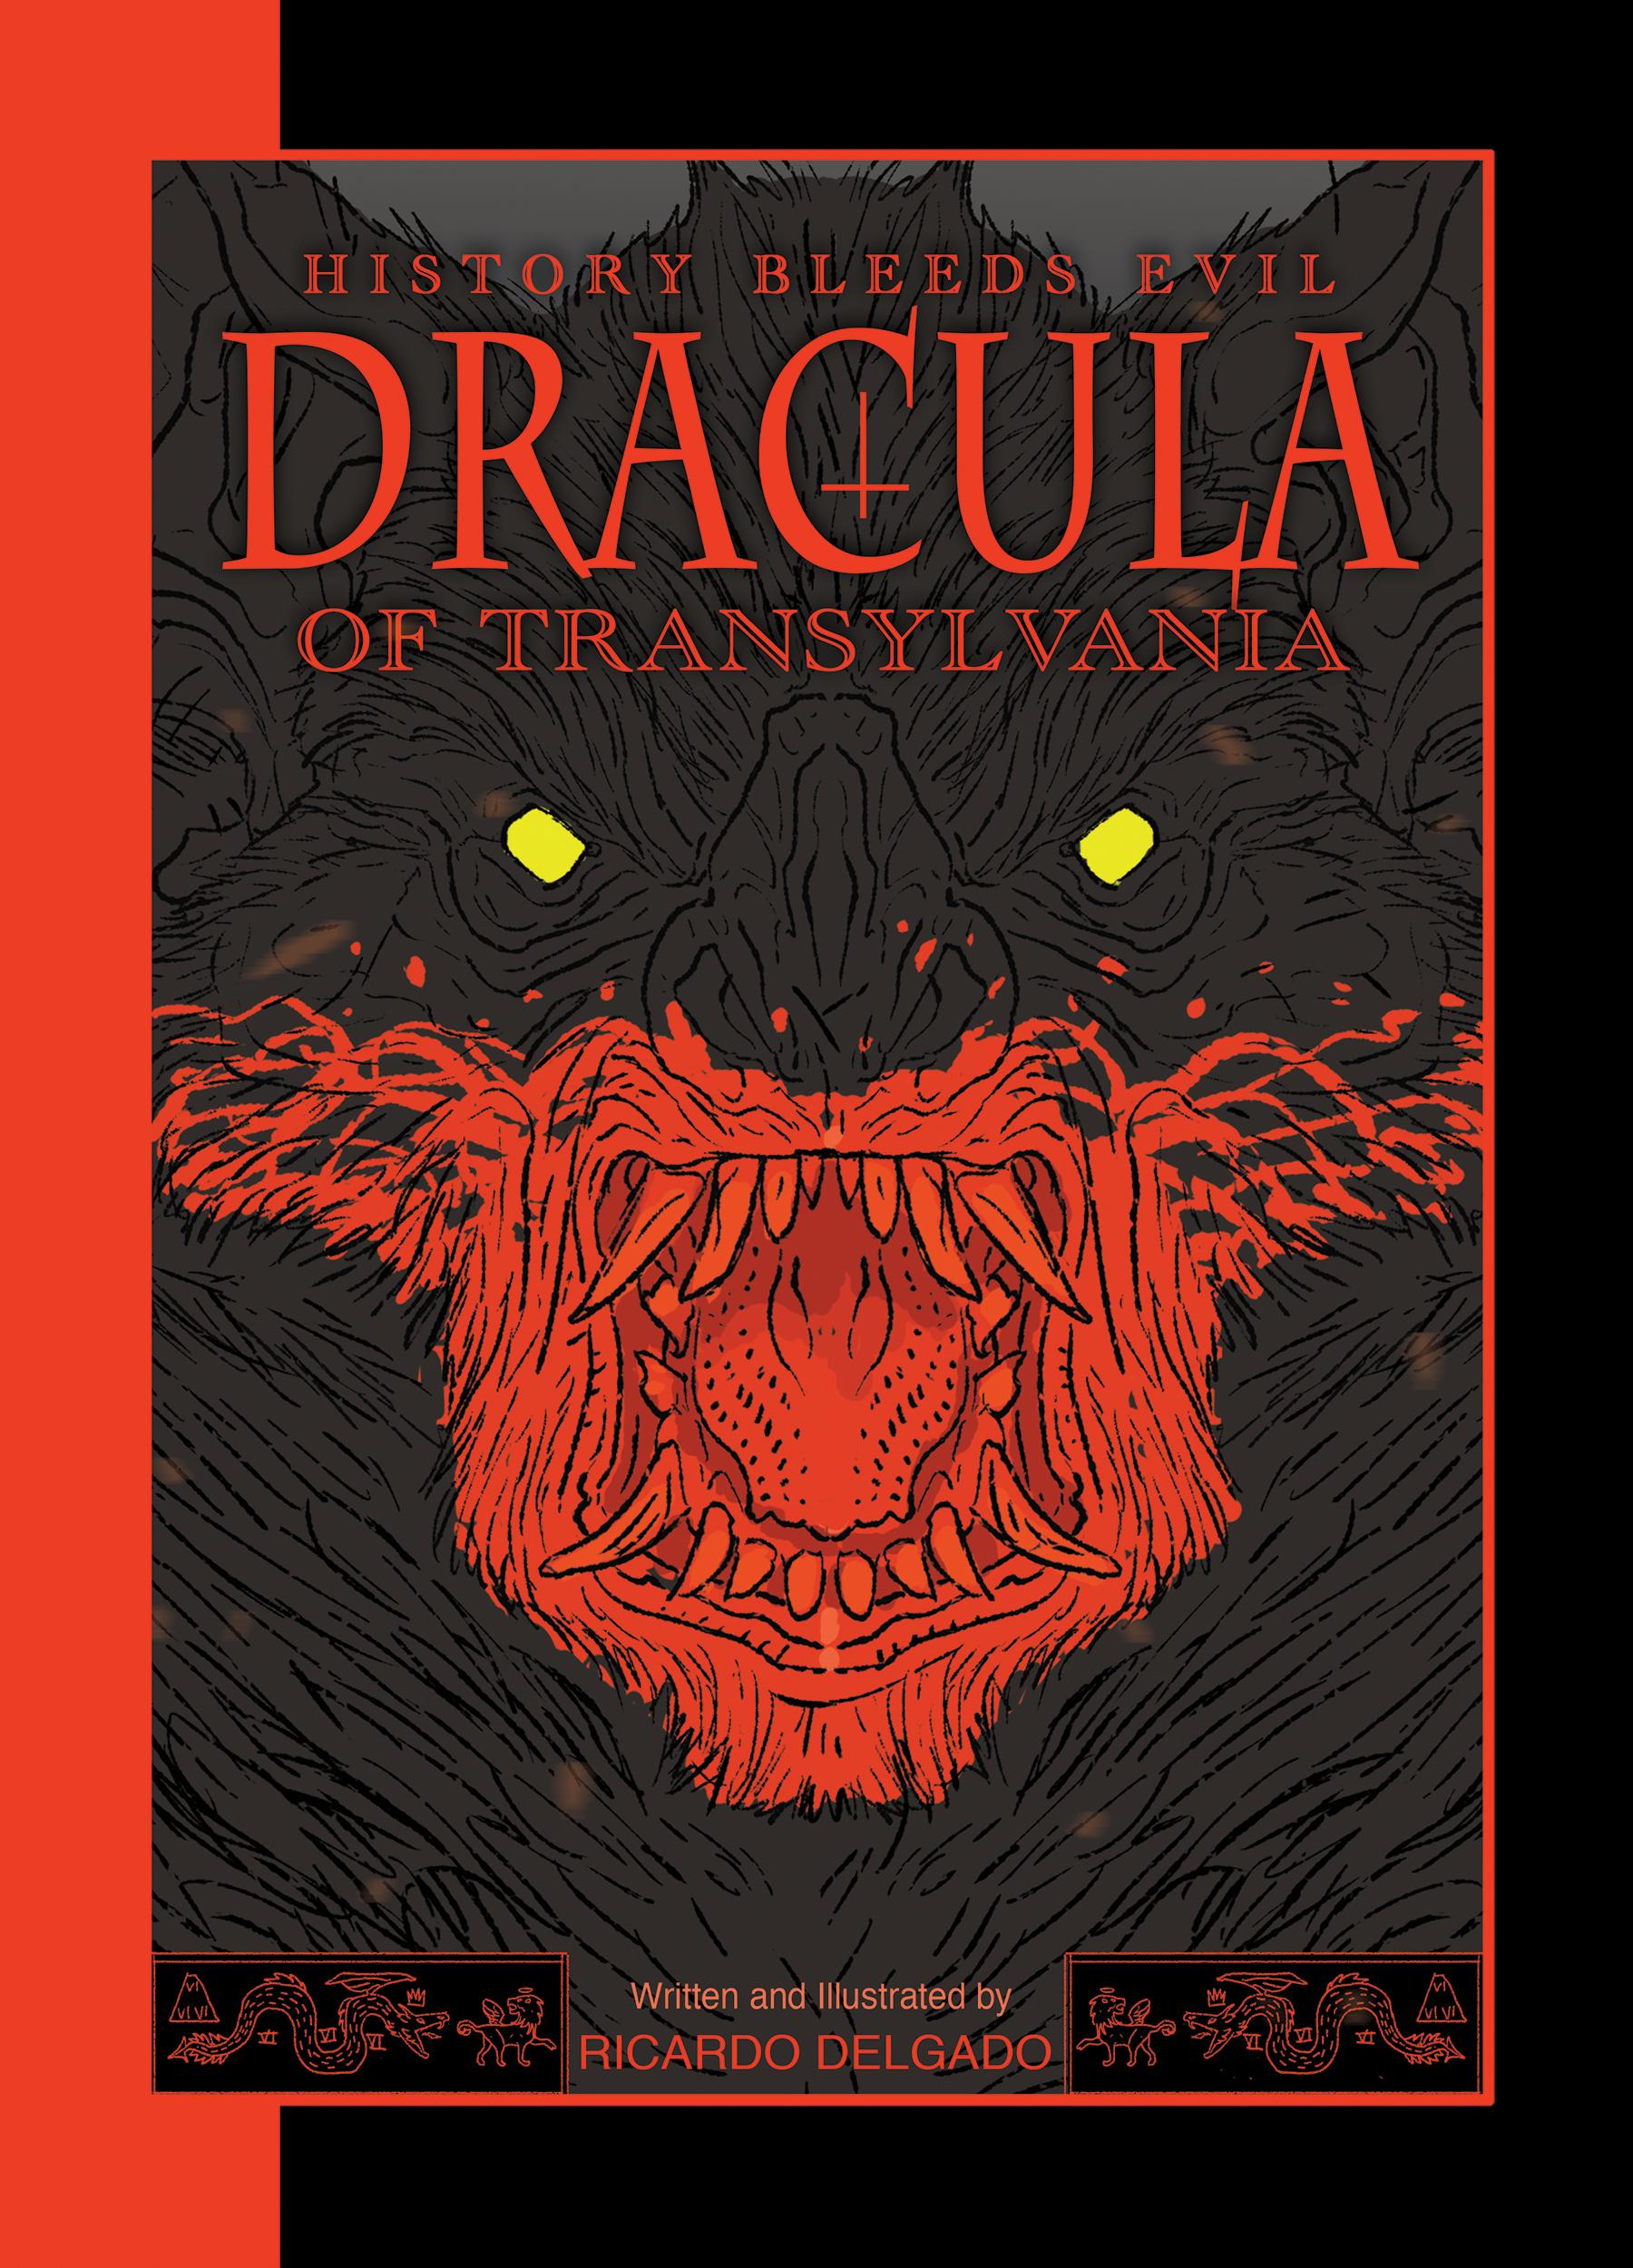 Dracula of Transylvania, Dracula